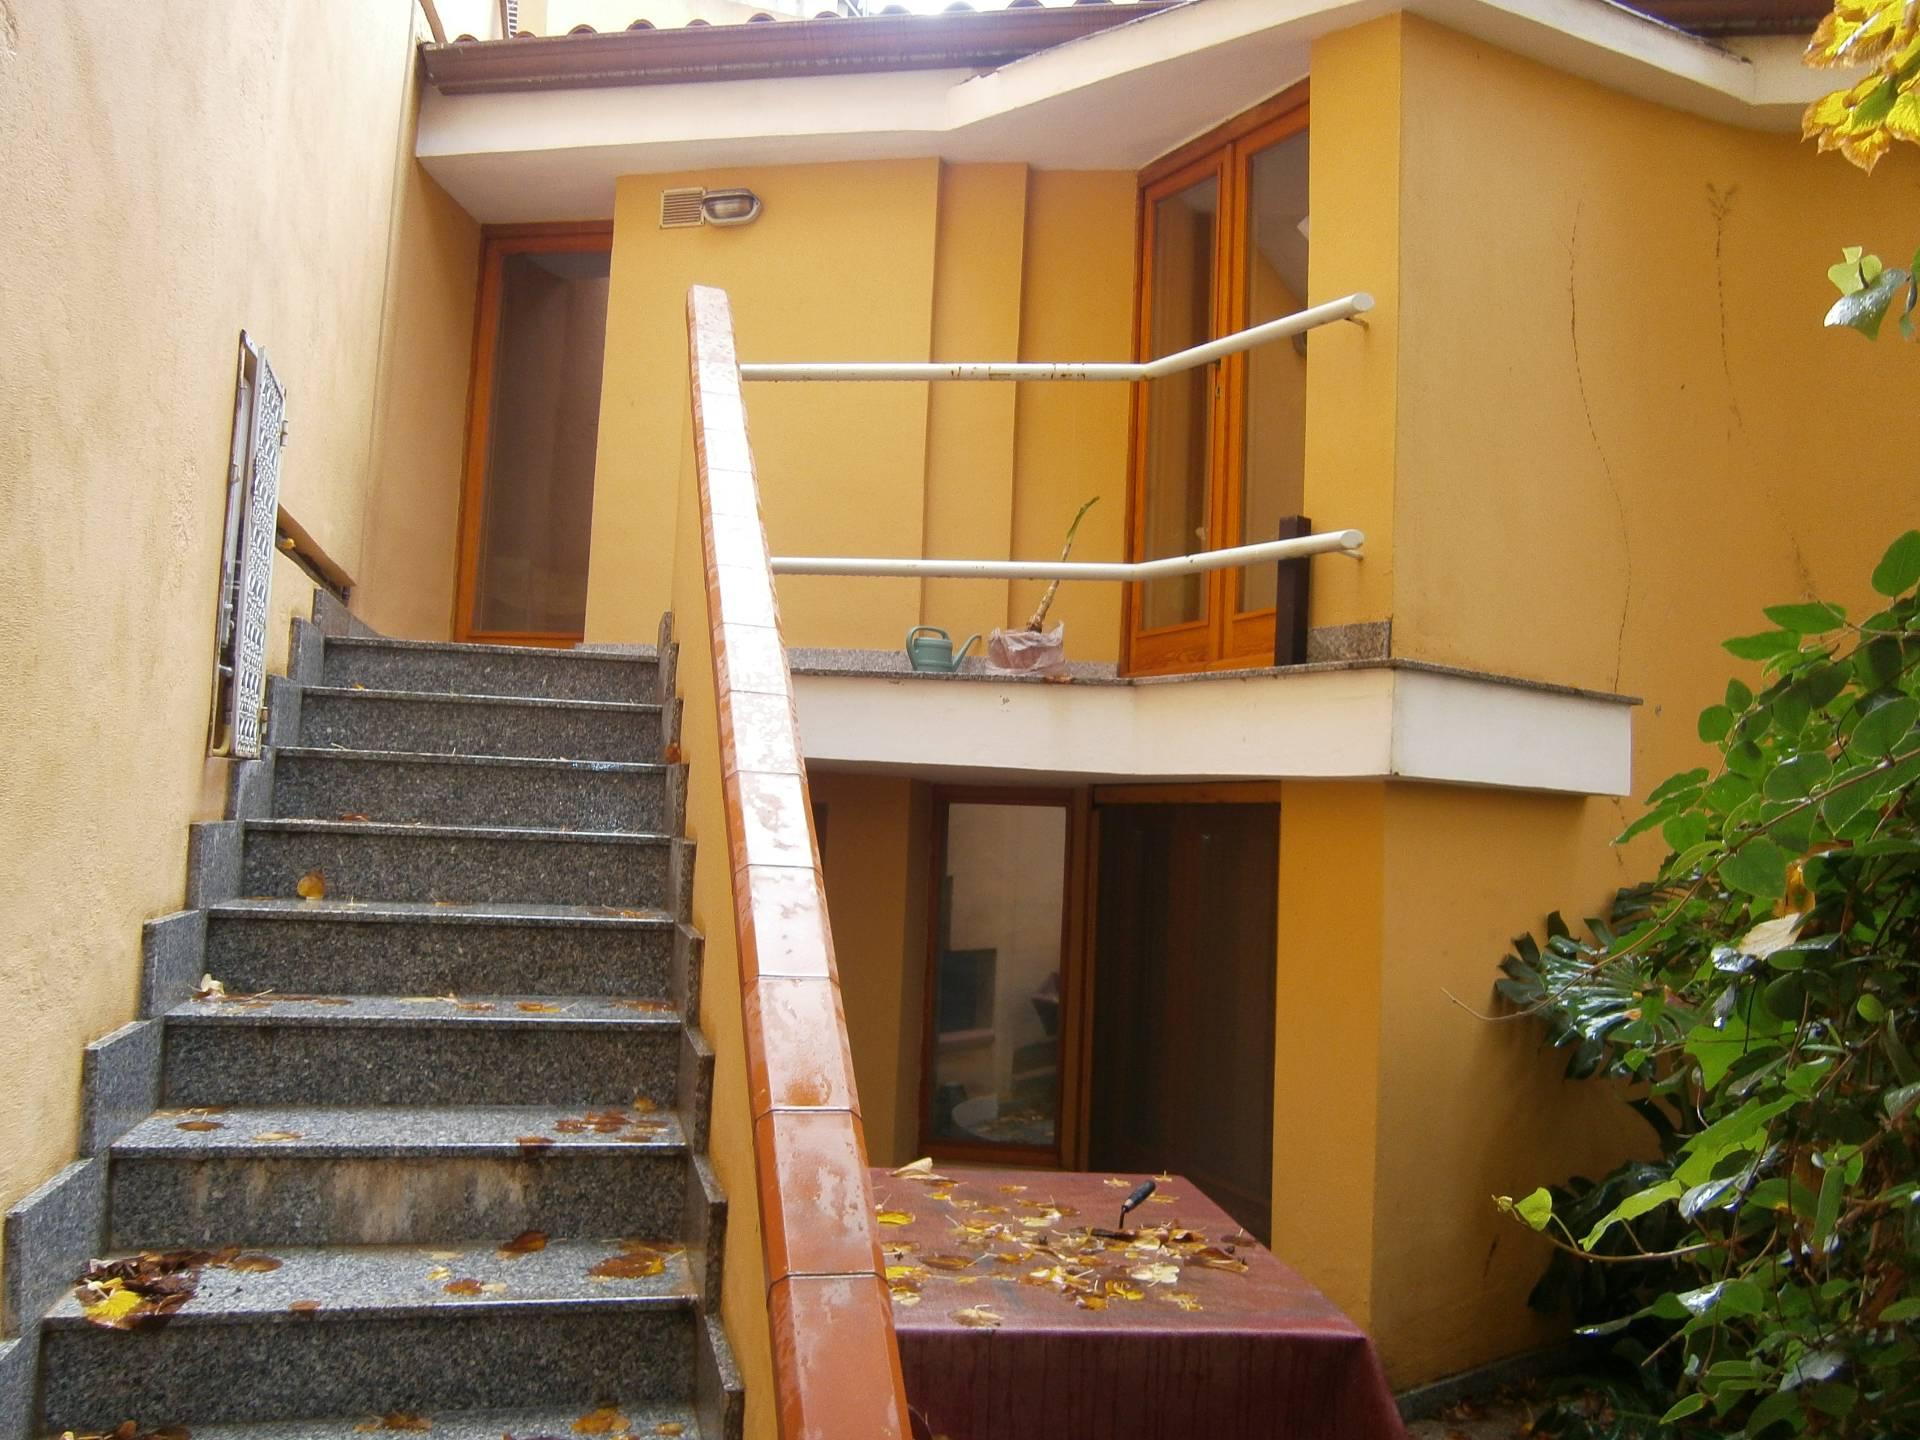 Villa in affitto a Cagliari, 3 locali, zona Zona: Villanova, prezzo € 800 | Cambio Casa.it